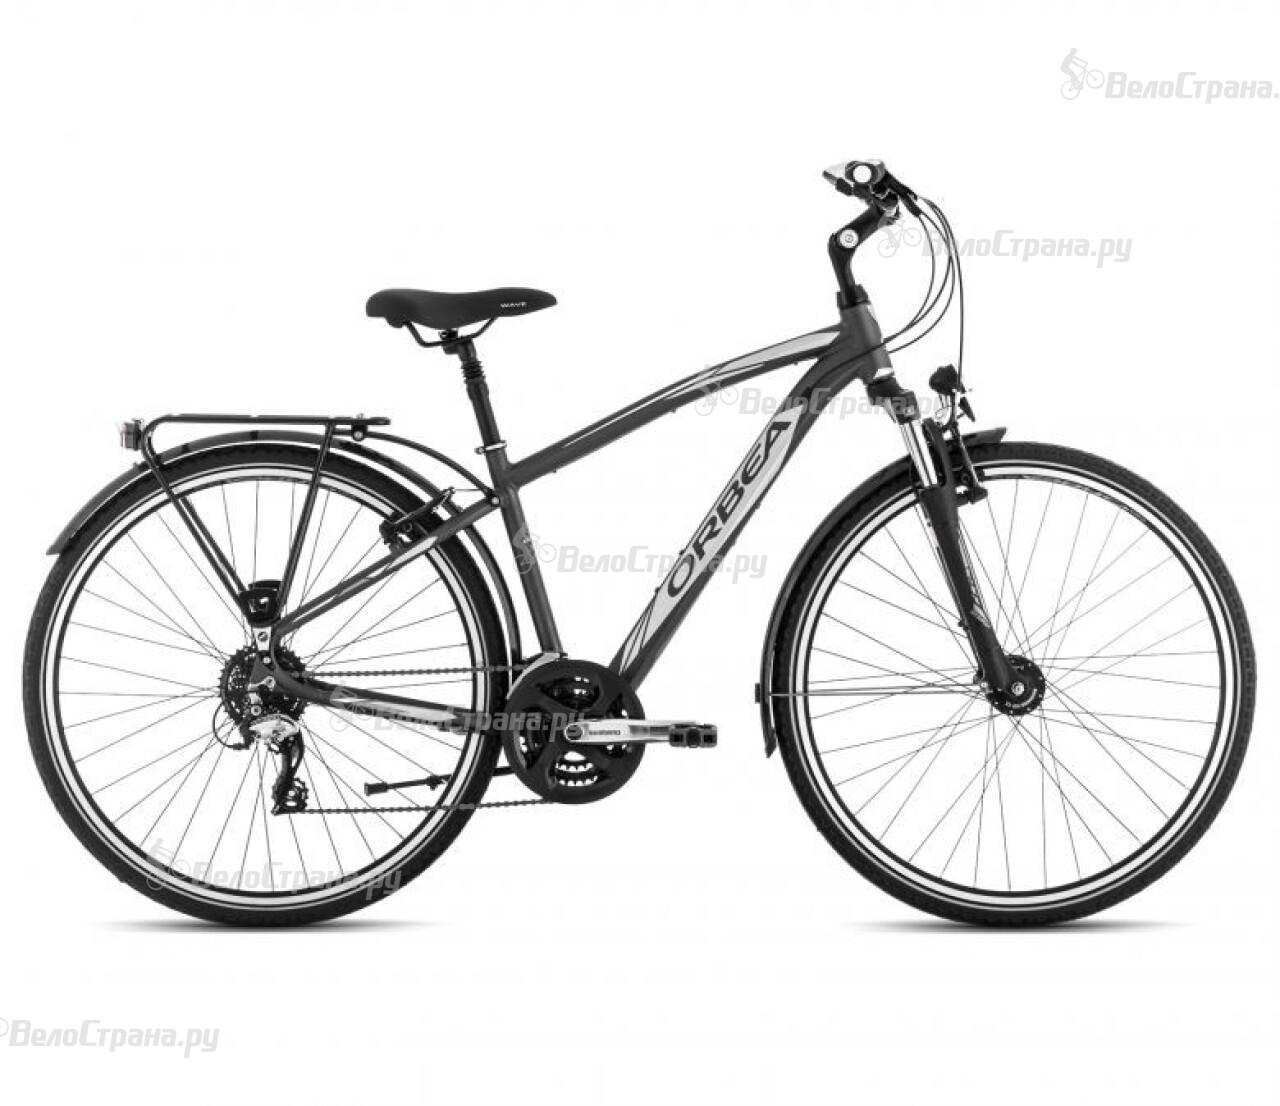 Велосипед Orbea Comfort 28 20 Equipped (2014) пугачева е серебряков с путеводитель швейцария кантон тичино